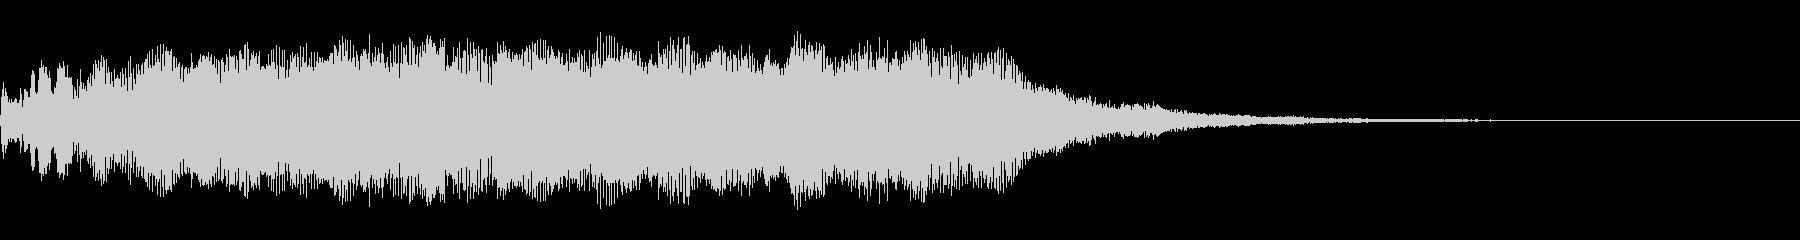 ピッチダウンが長い太字のロゴの未再生の波形